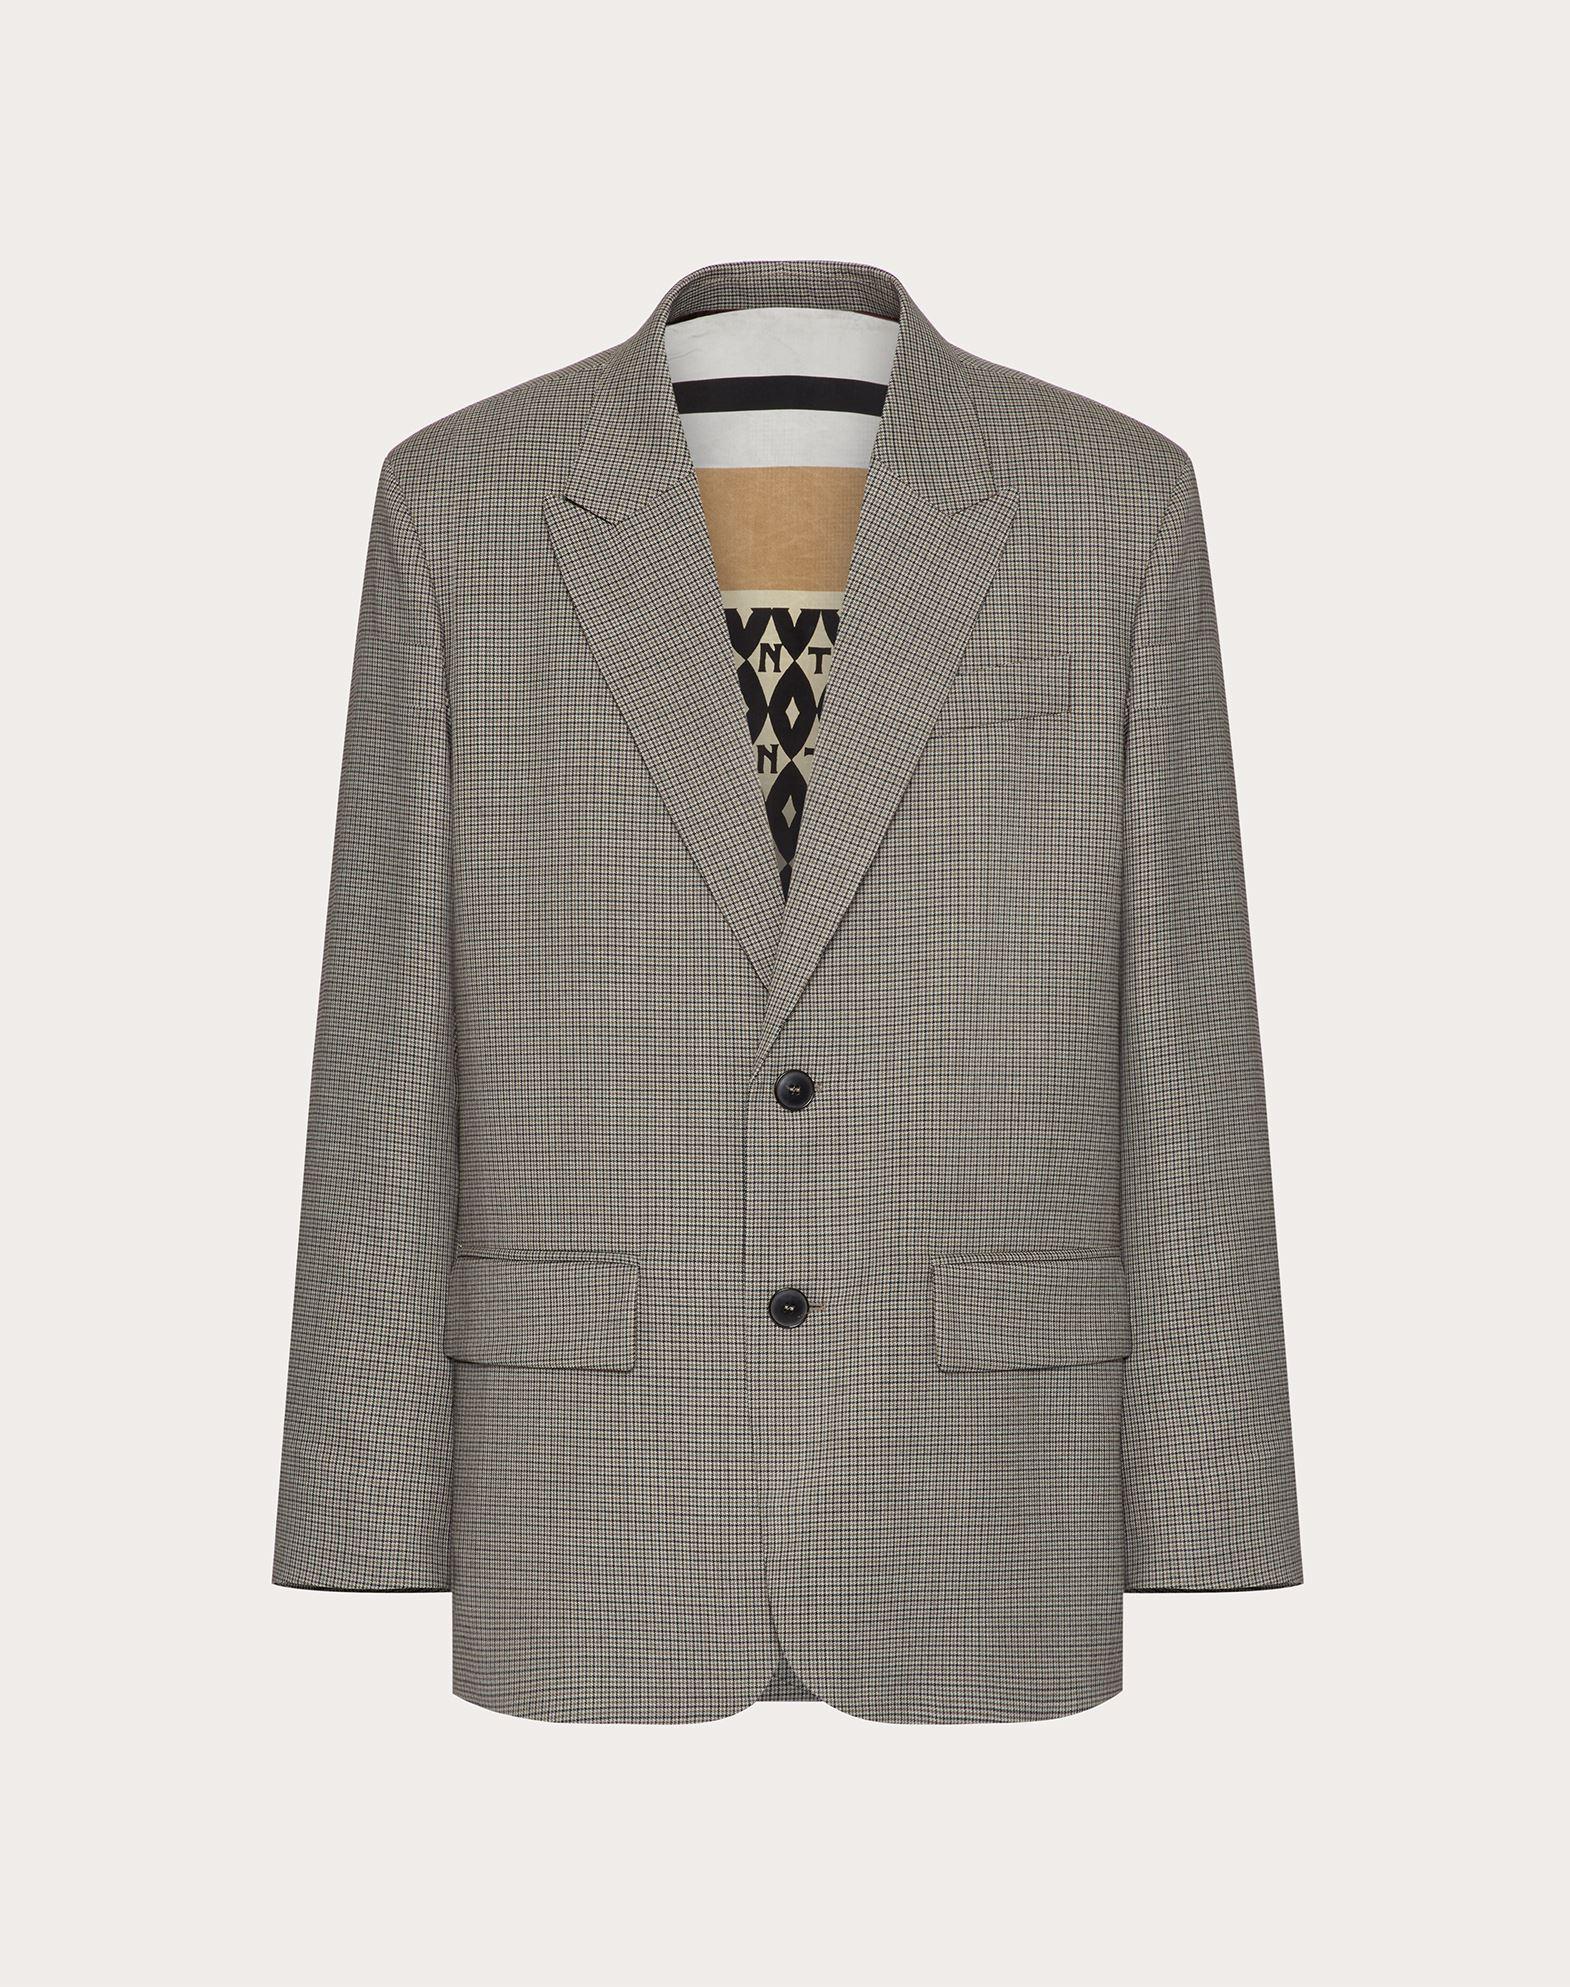 Valentino Uomo Wolljacke Herren Grau Schurwolle 100% 54 In Gray